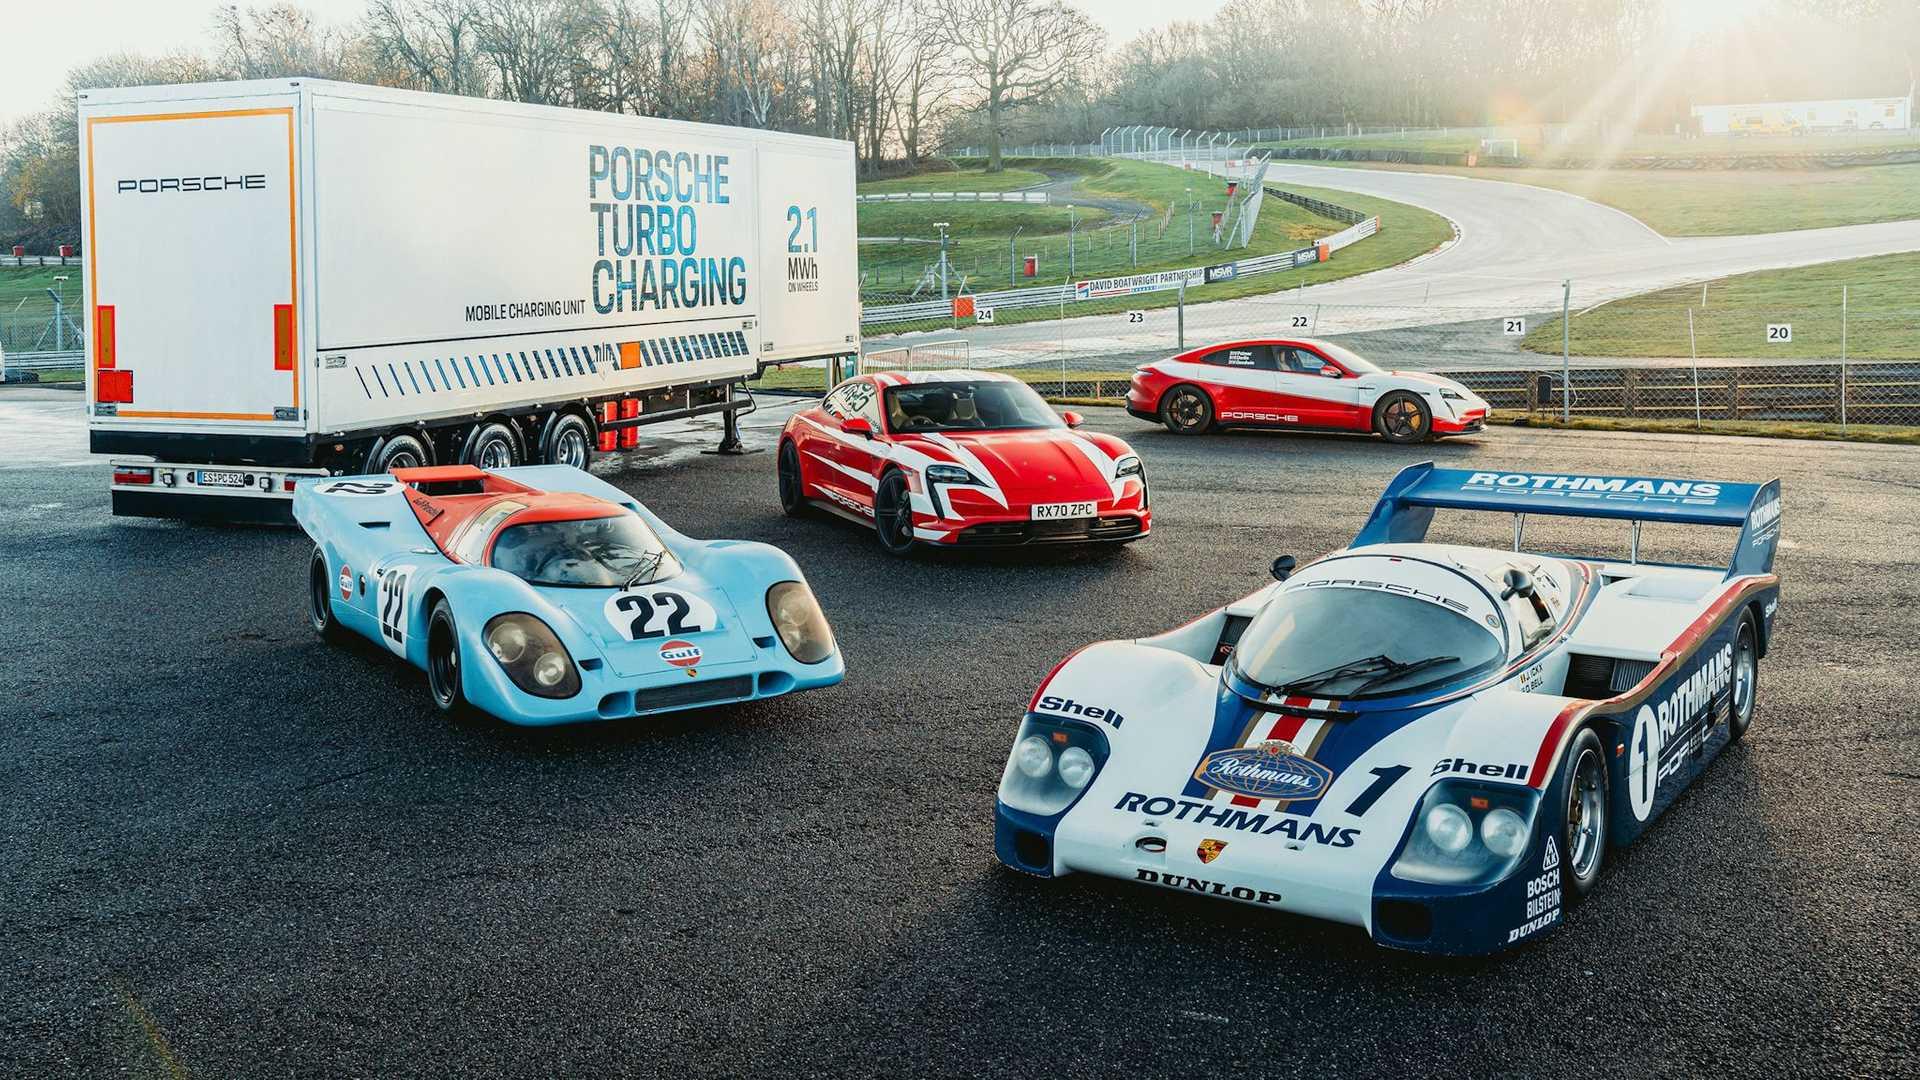 Porsche-Taycan-At-Brands-Hatch-Circuit-13